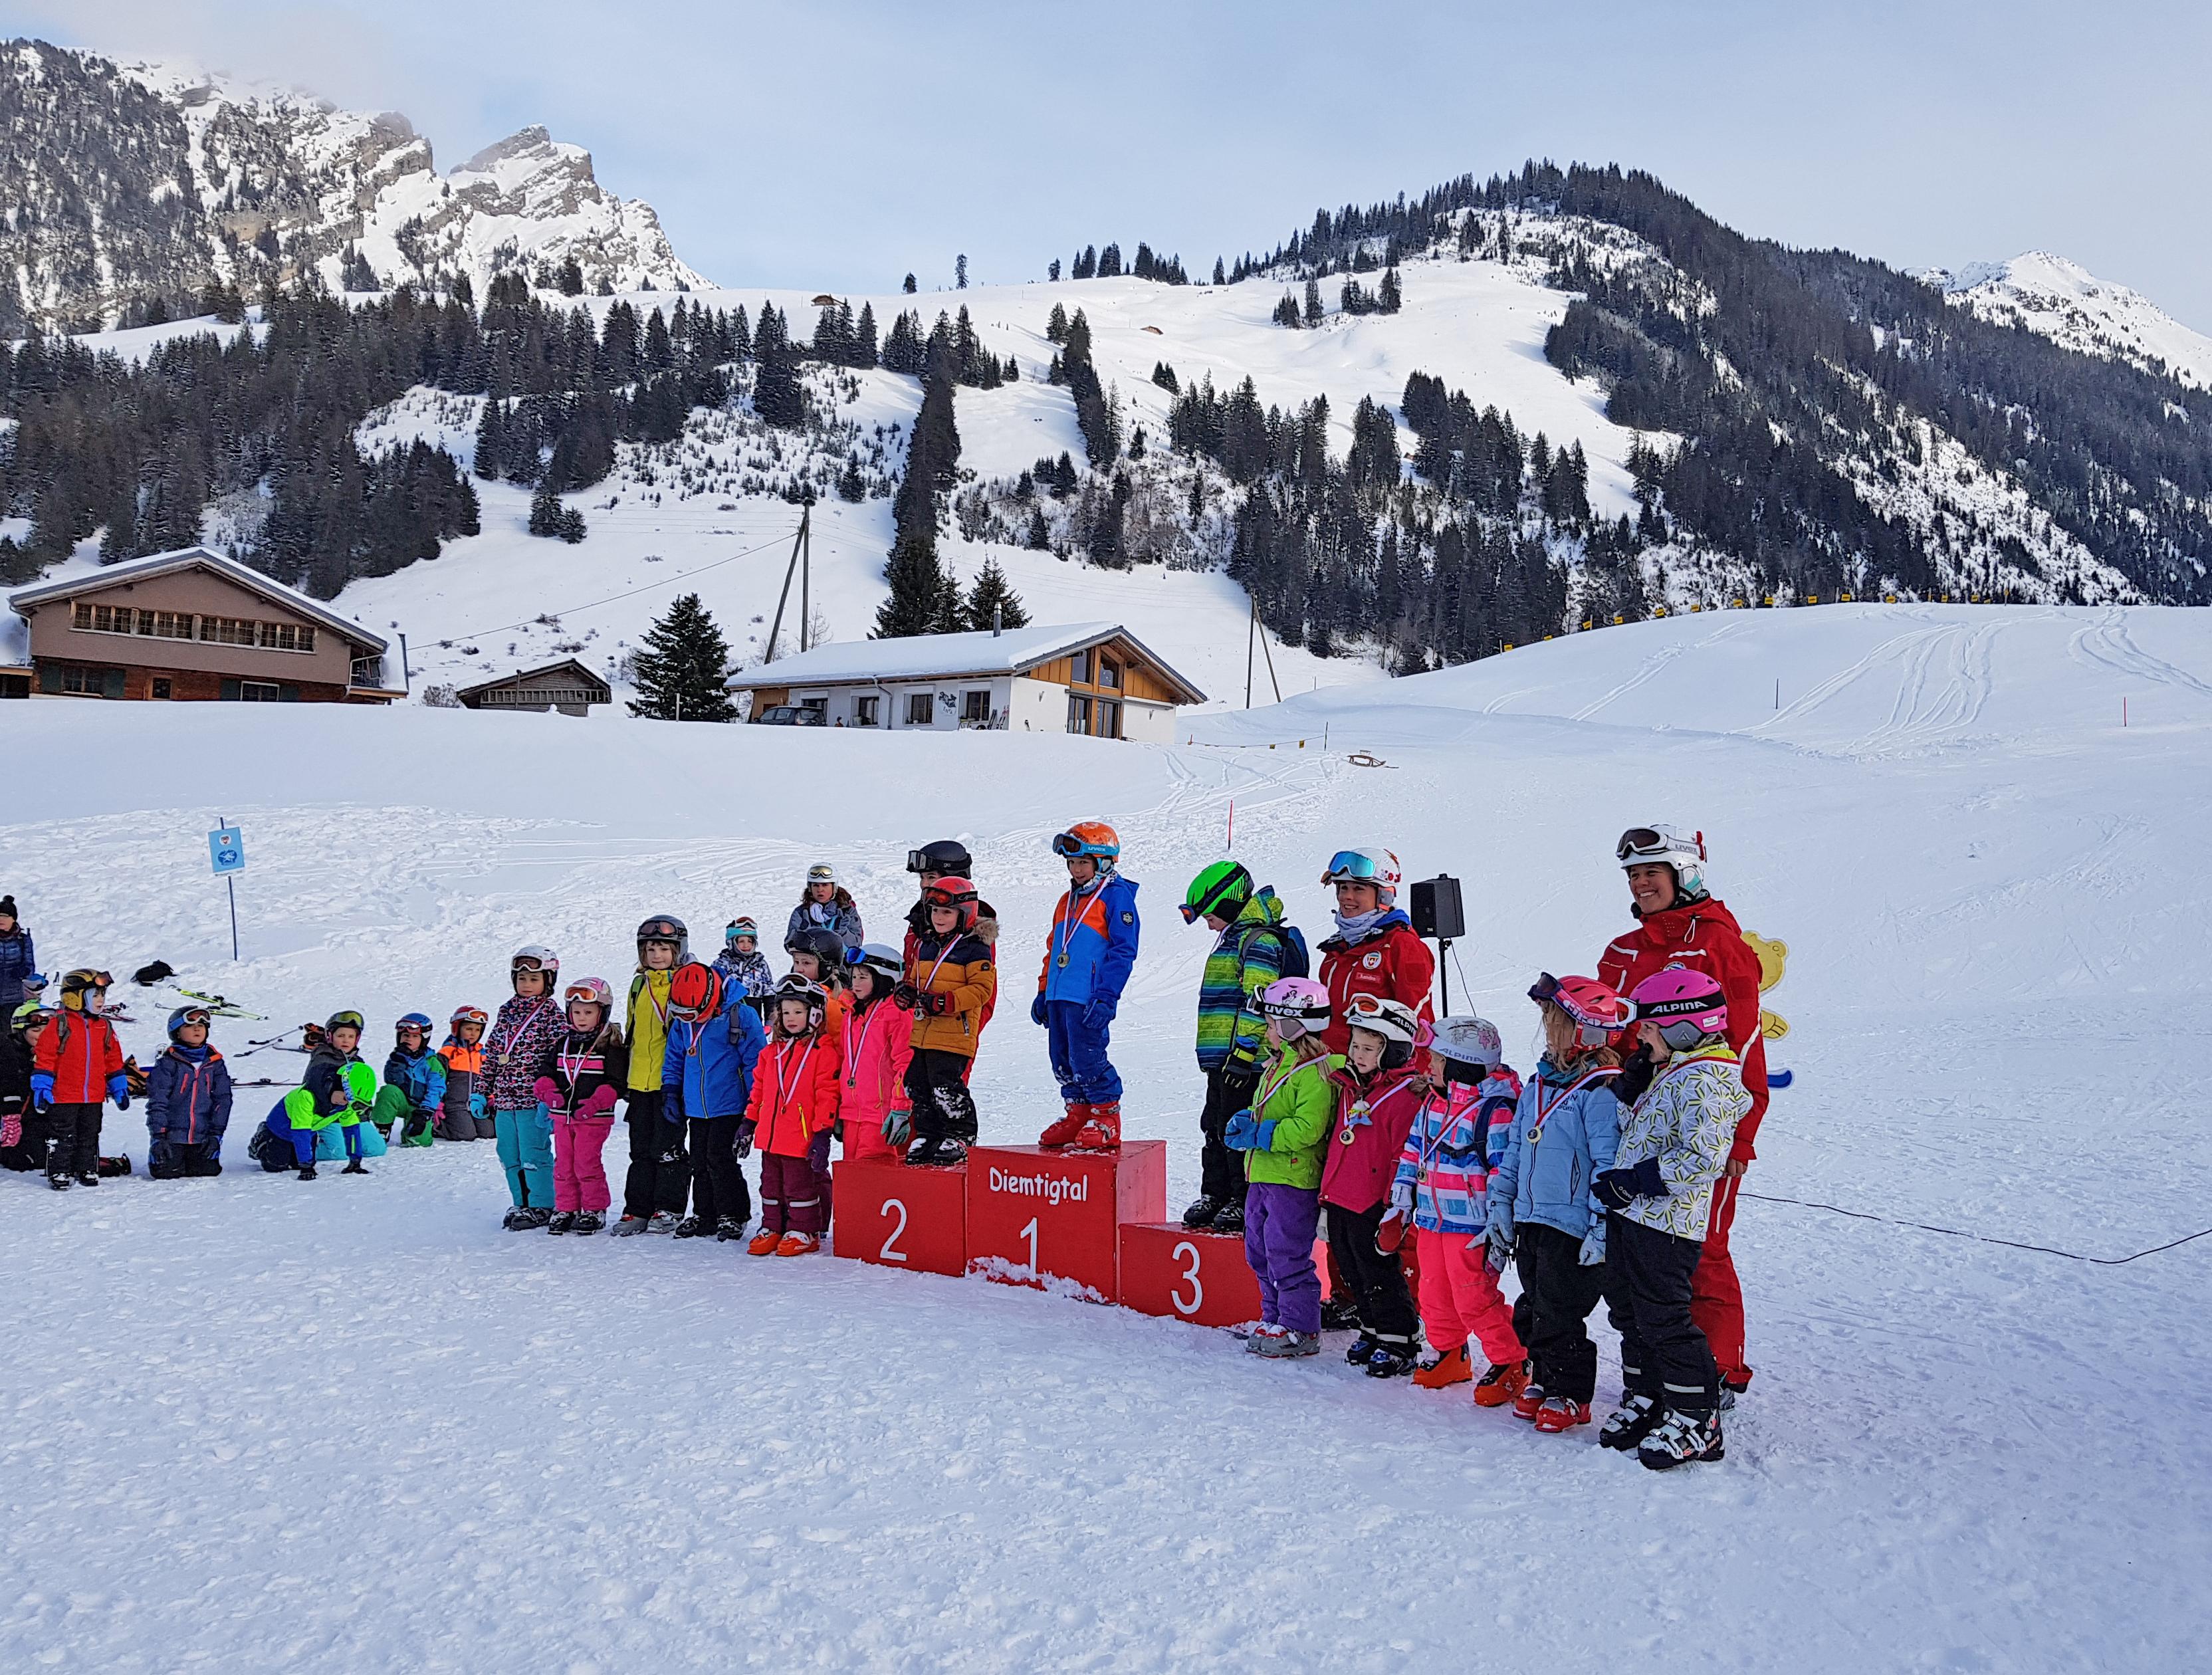 Stolze Kinder an der Rangverkündigung vom Skischulrennen